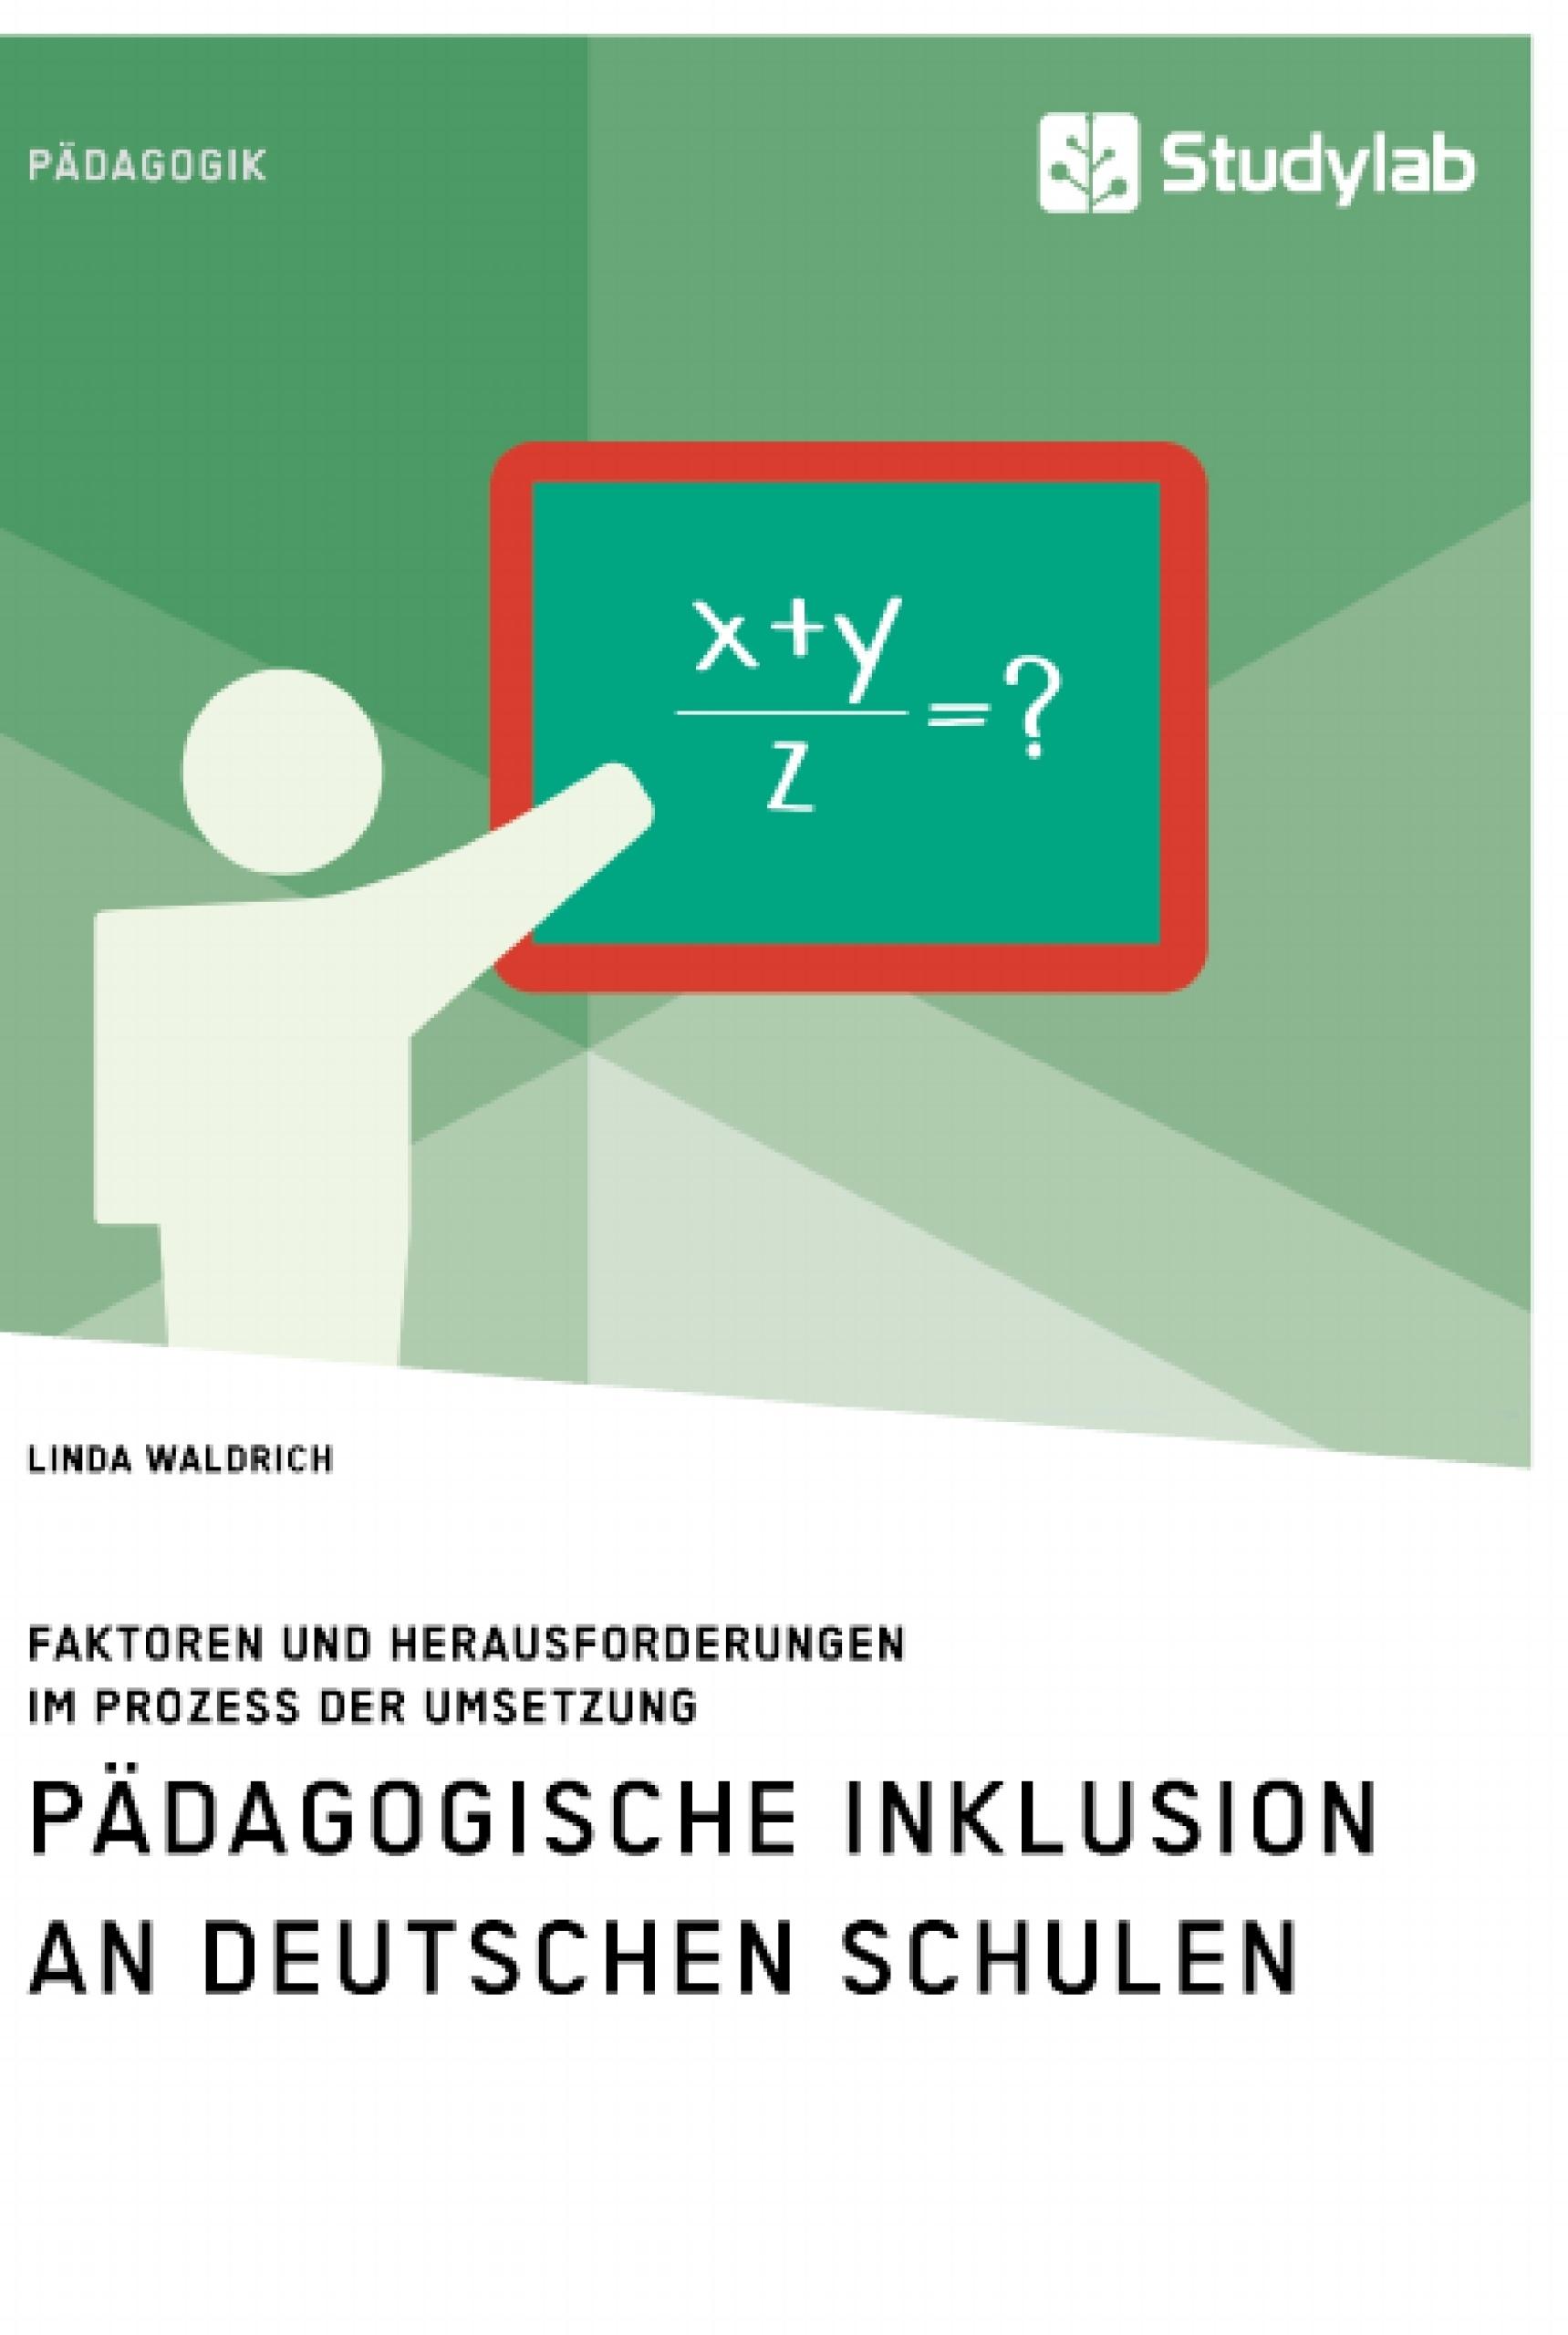 Titel: Pädagogische Inklusion an deutschen Schulen. Faktoren und Herausforderungen im Prozess der Umsetzung